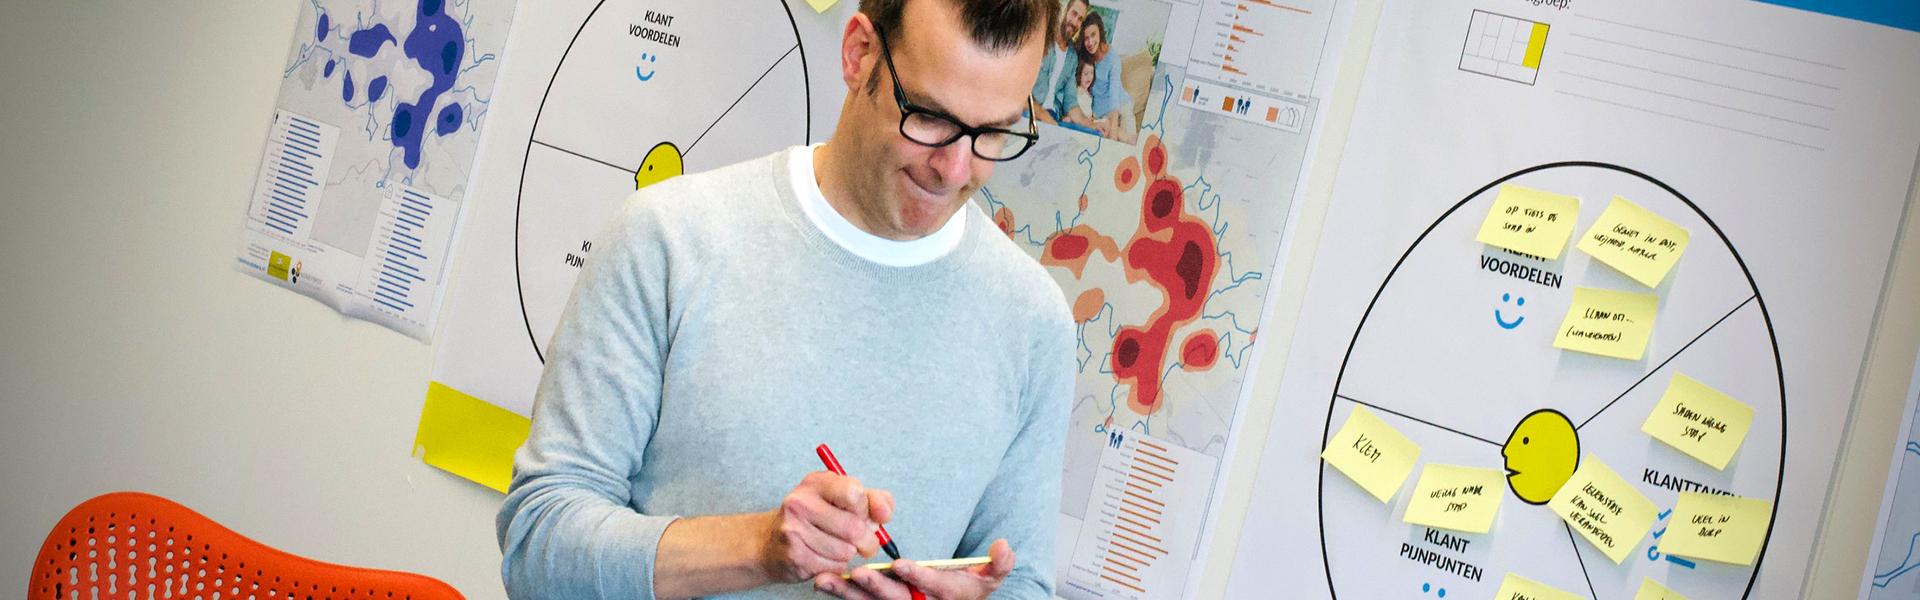 De Plekkenmakers gebruikt BeeModel in workshops